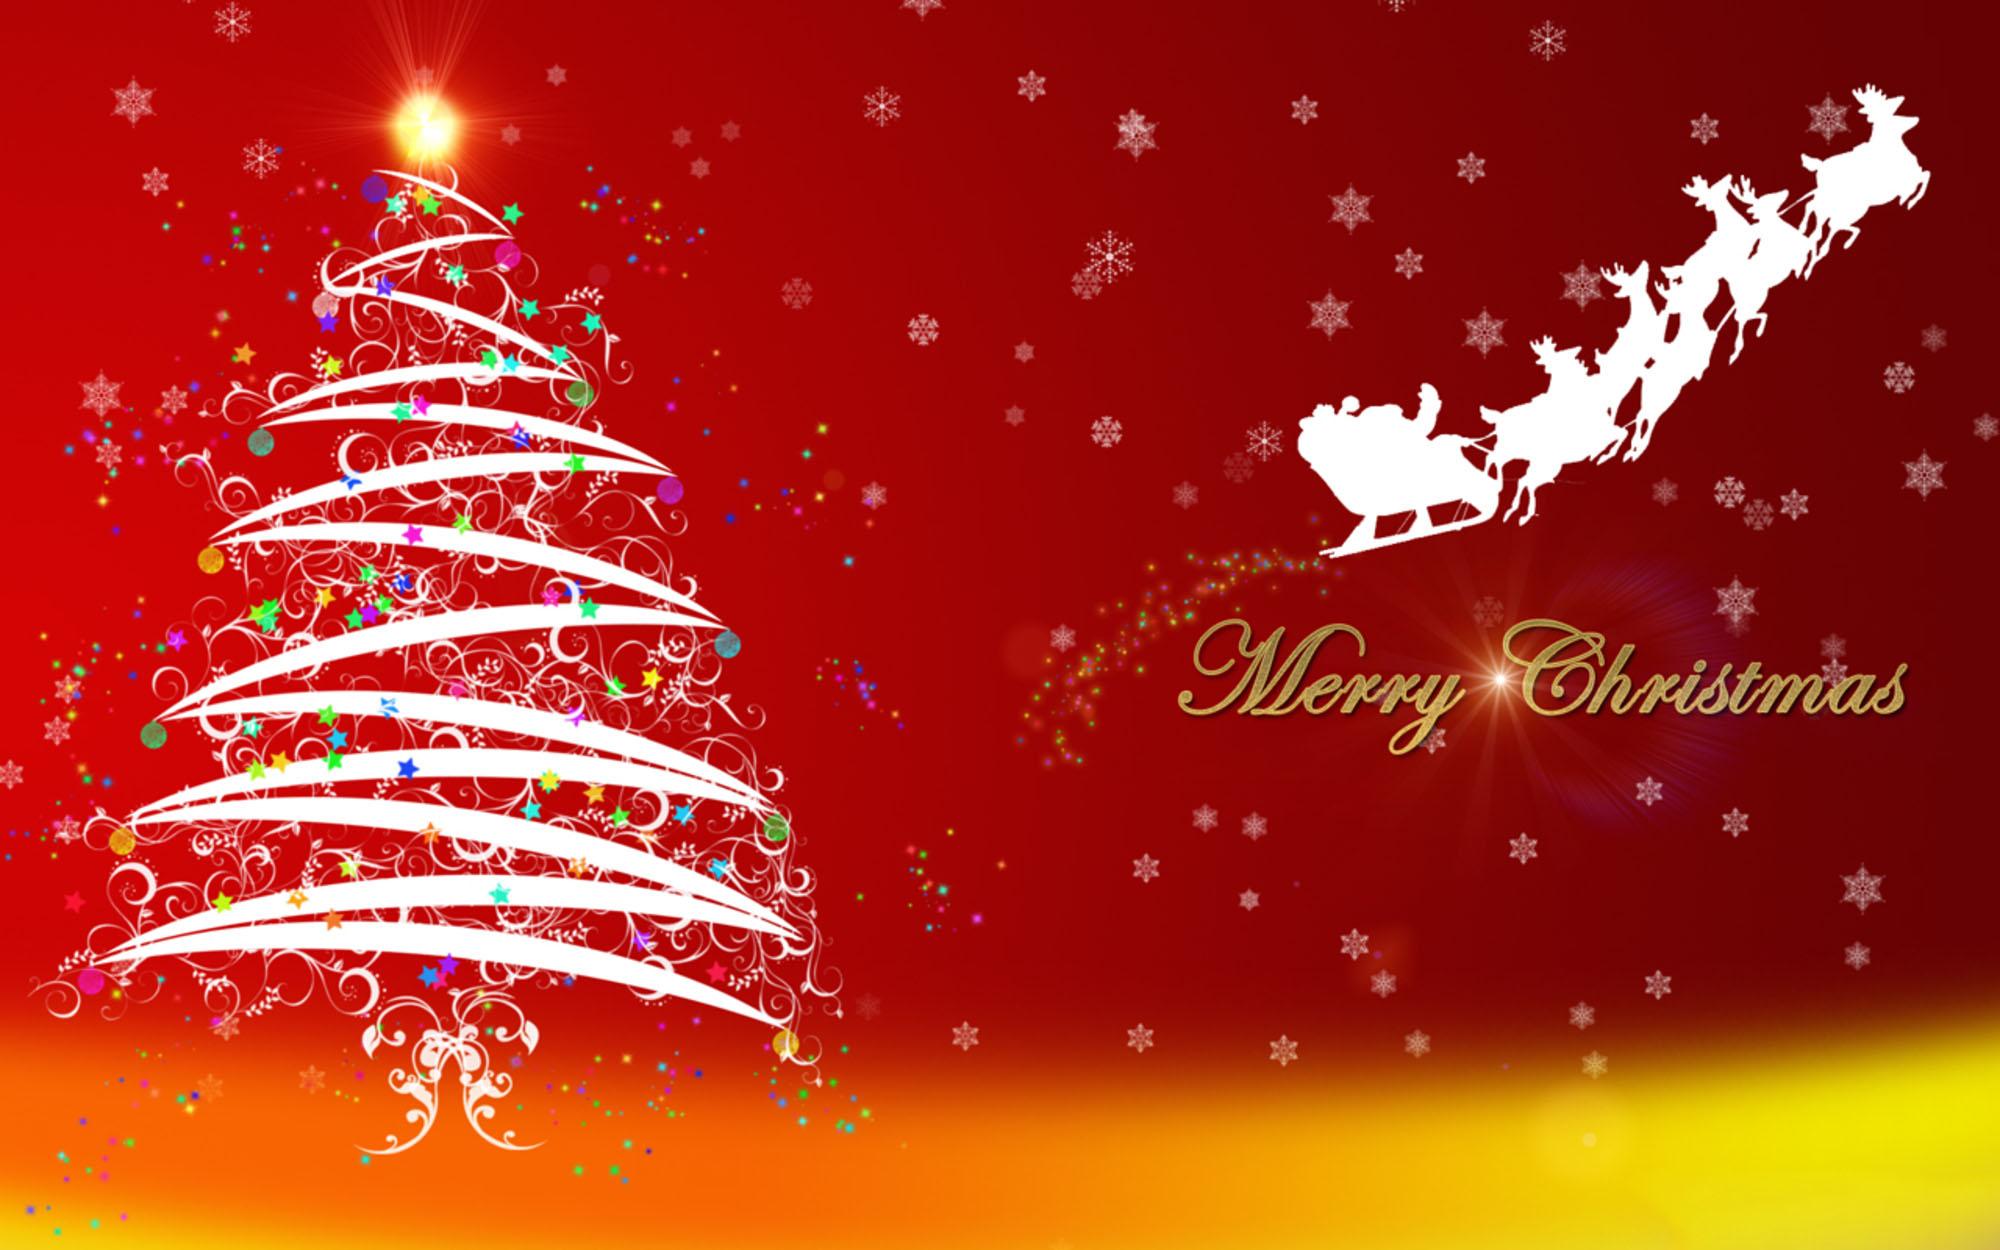 happy merry christmas greetings wishes rein deer wallpaper